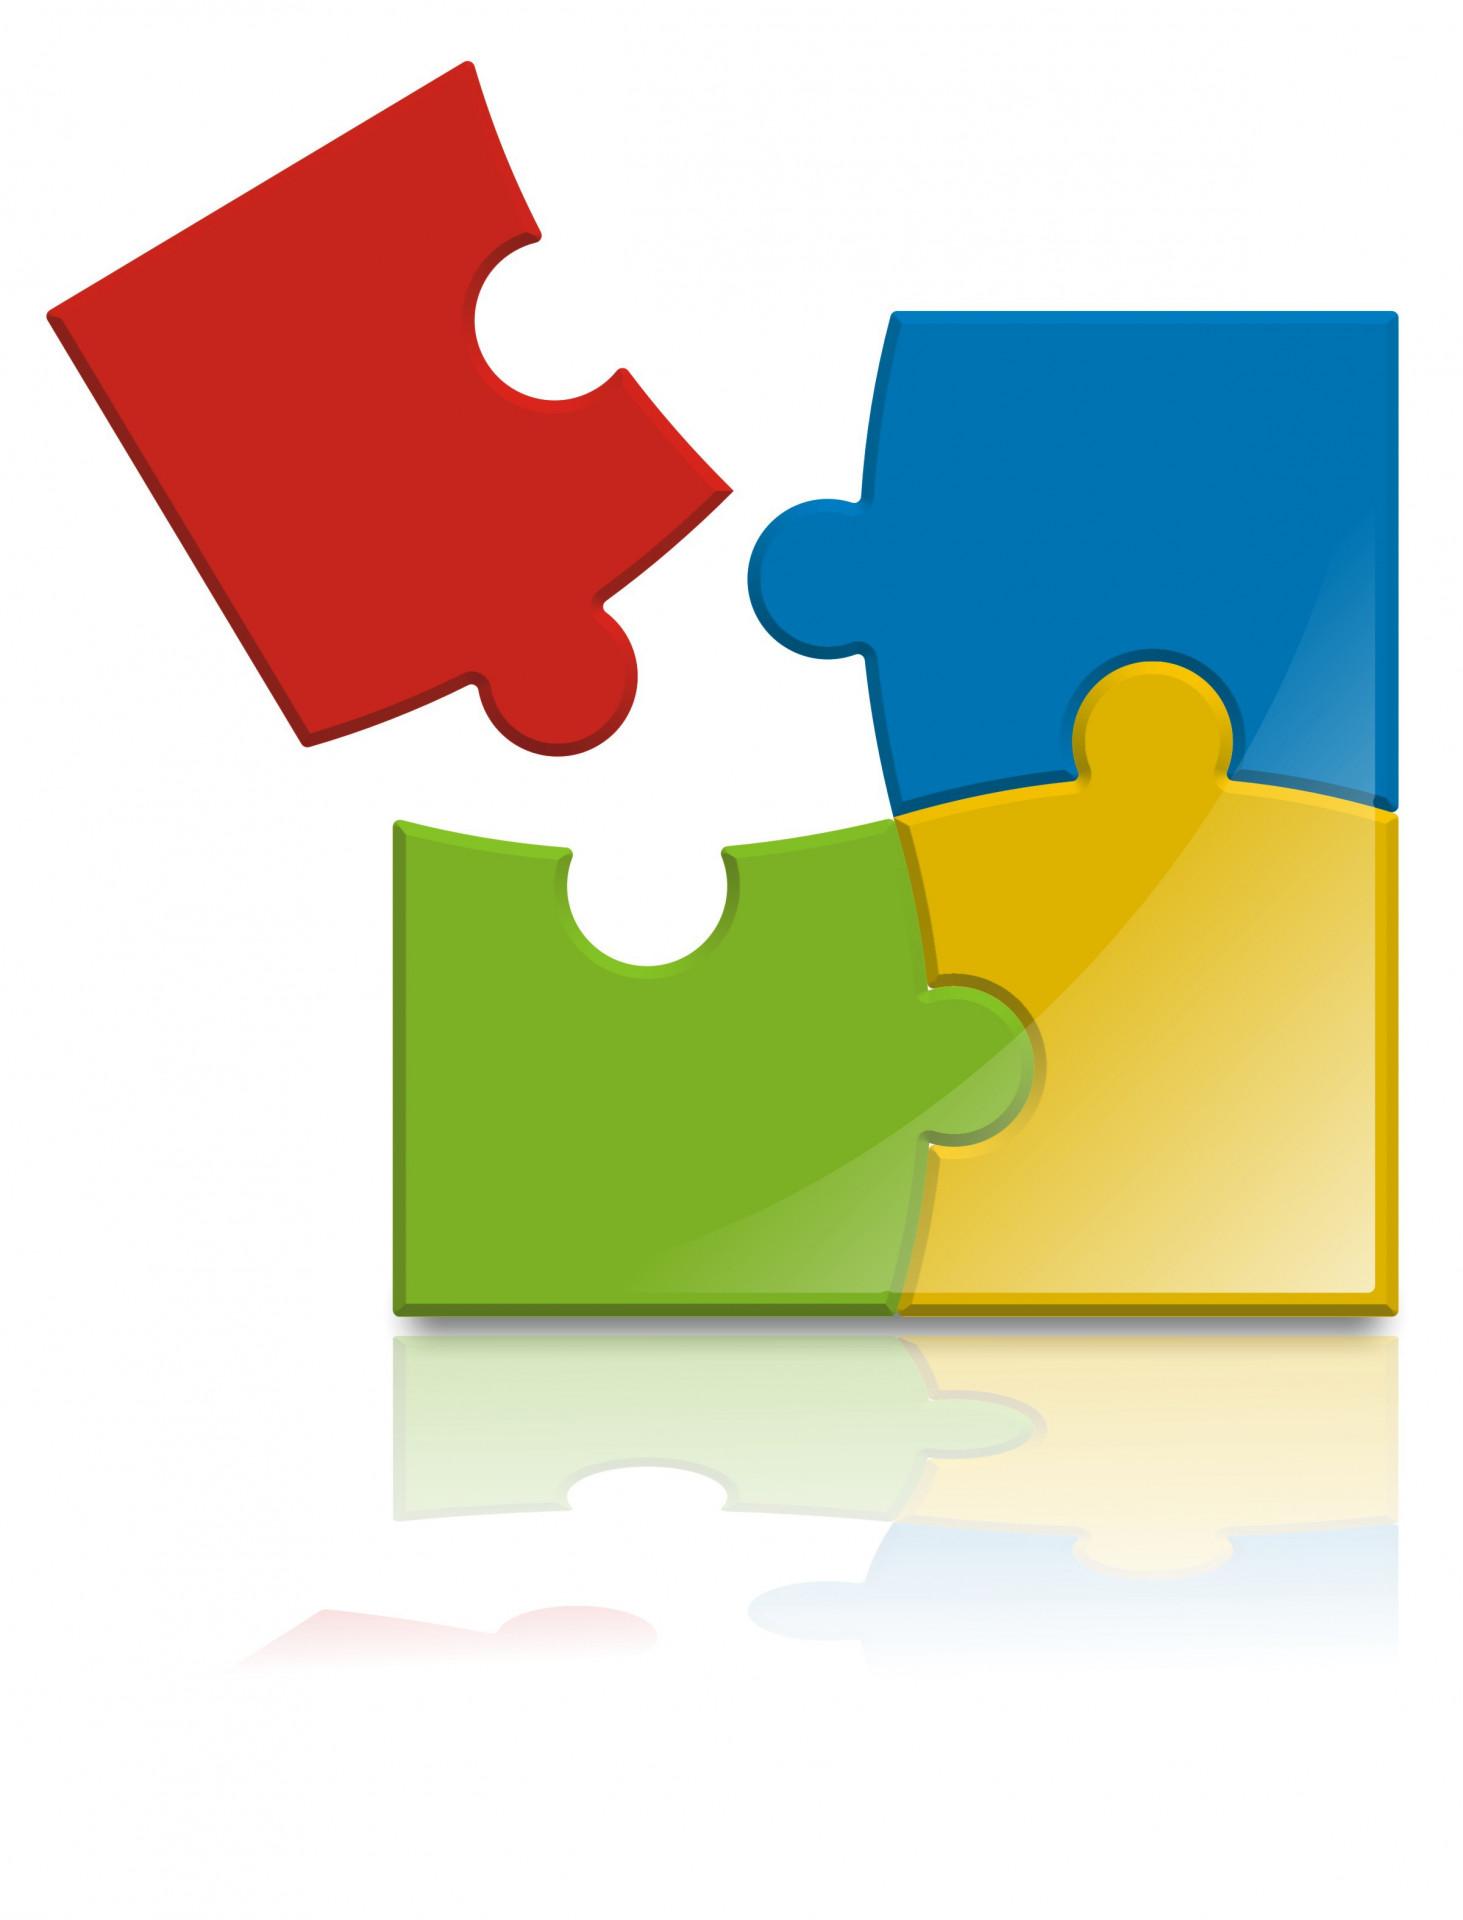 Puzzles sollen gegen DDoS-Angriffe schützen